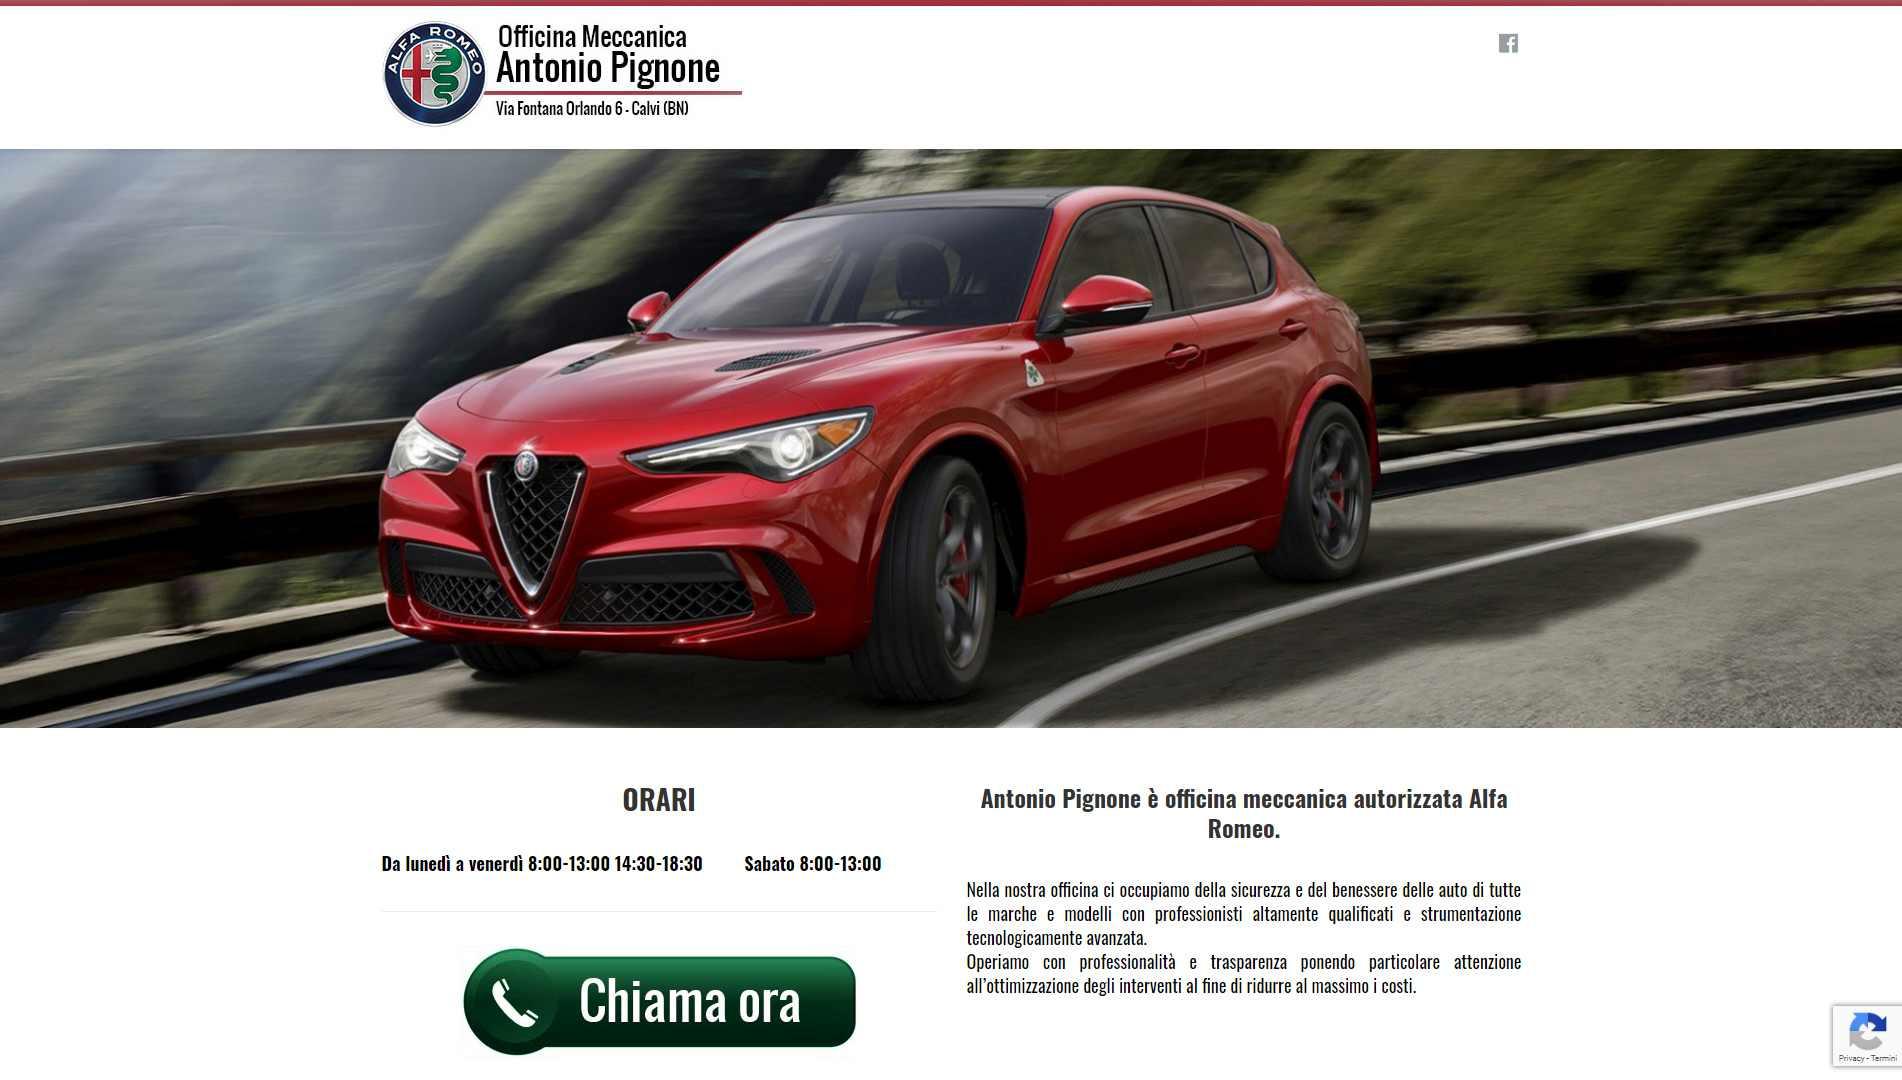 Sito Web Officina Meccanica Antonio Pignone Apice (BN)